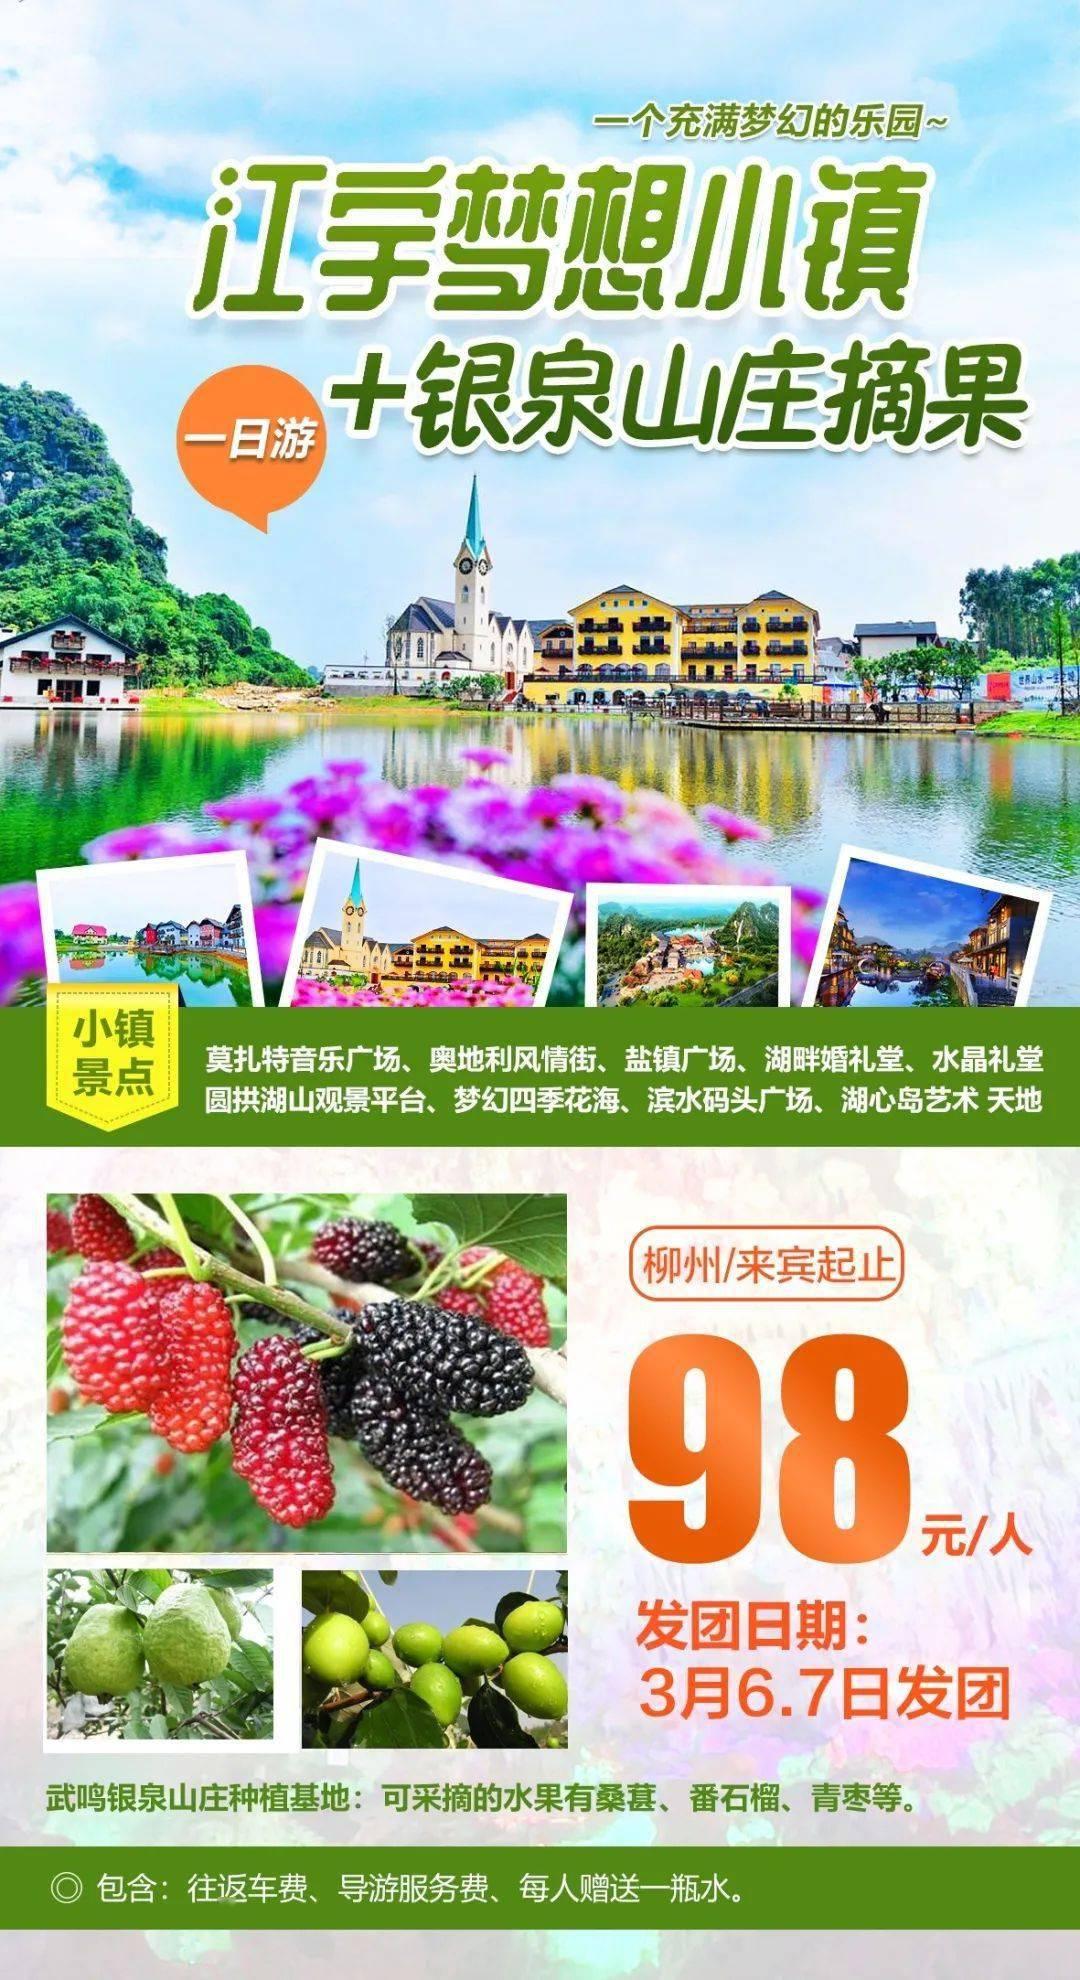 仅98元/人带您去一个充满梦幻的乐园!江宇梦想小镇+桑葚、番石榴采摘欢乐游!